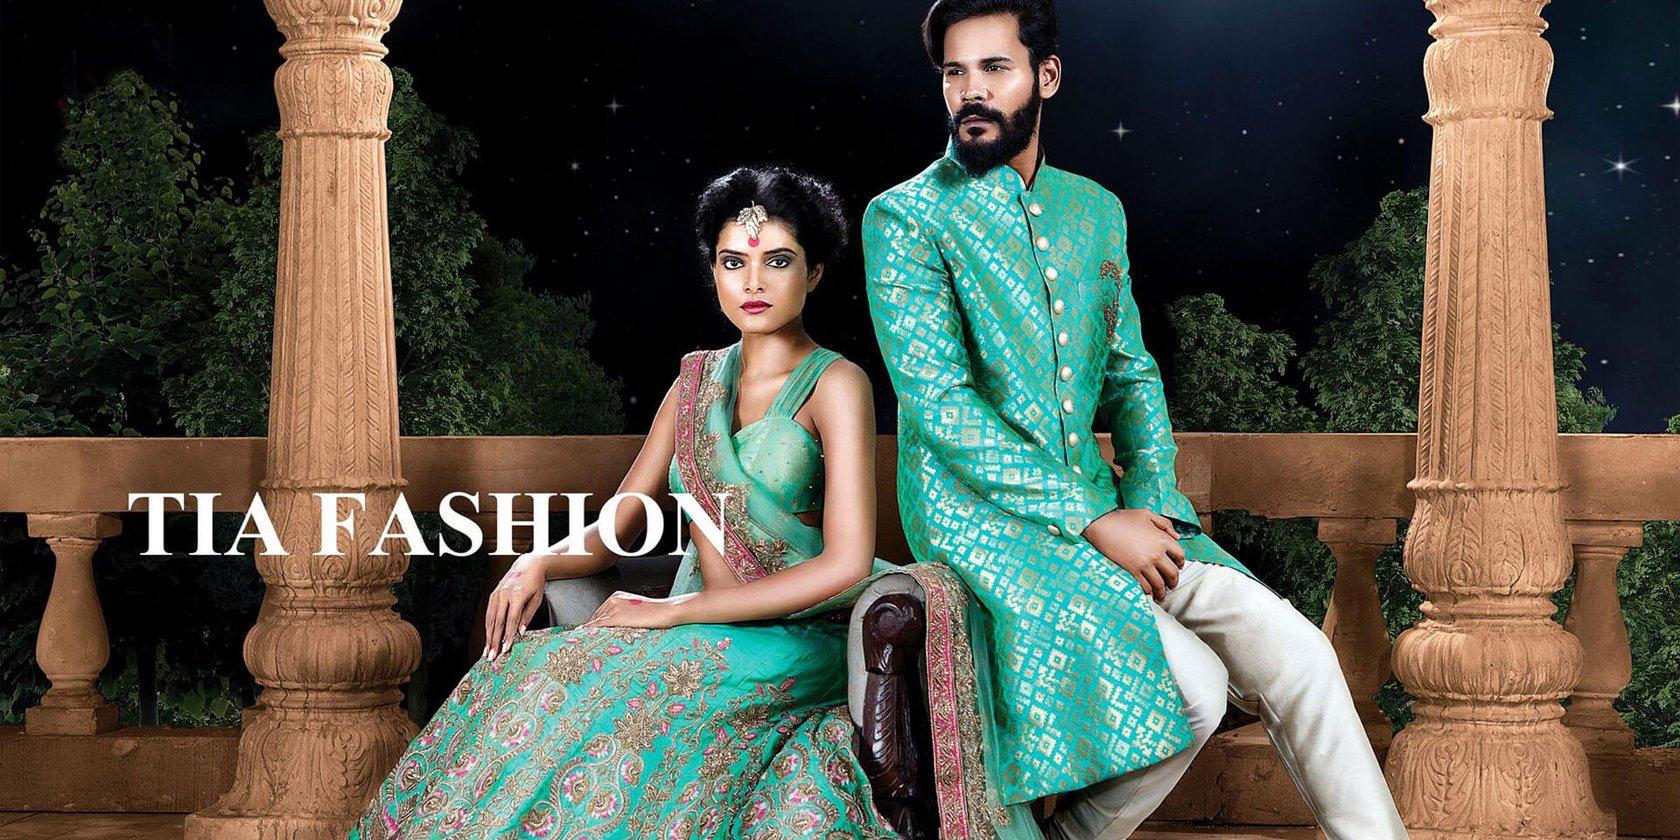 Tia Fashion